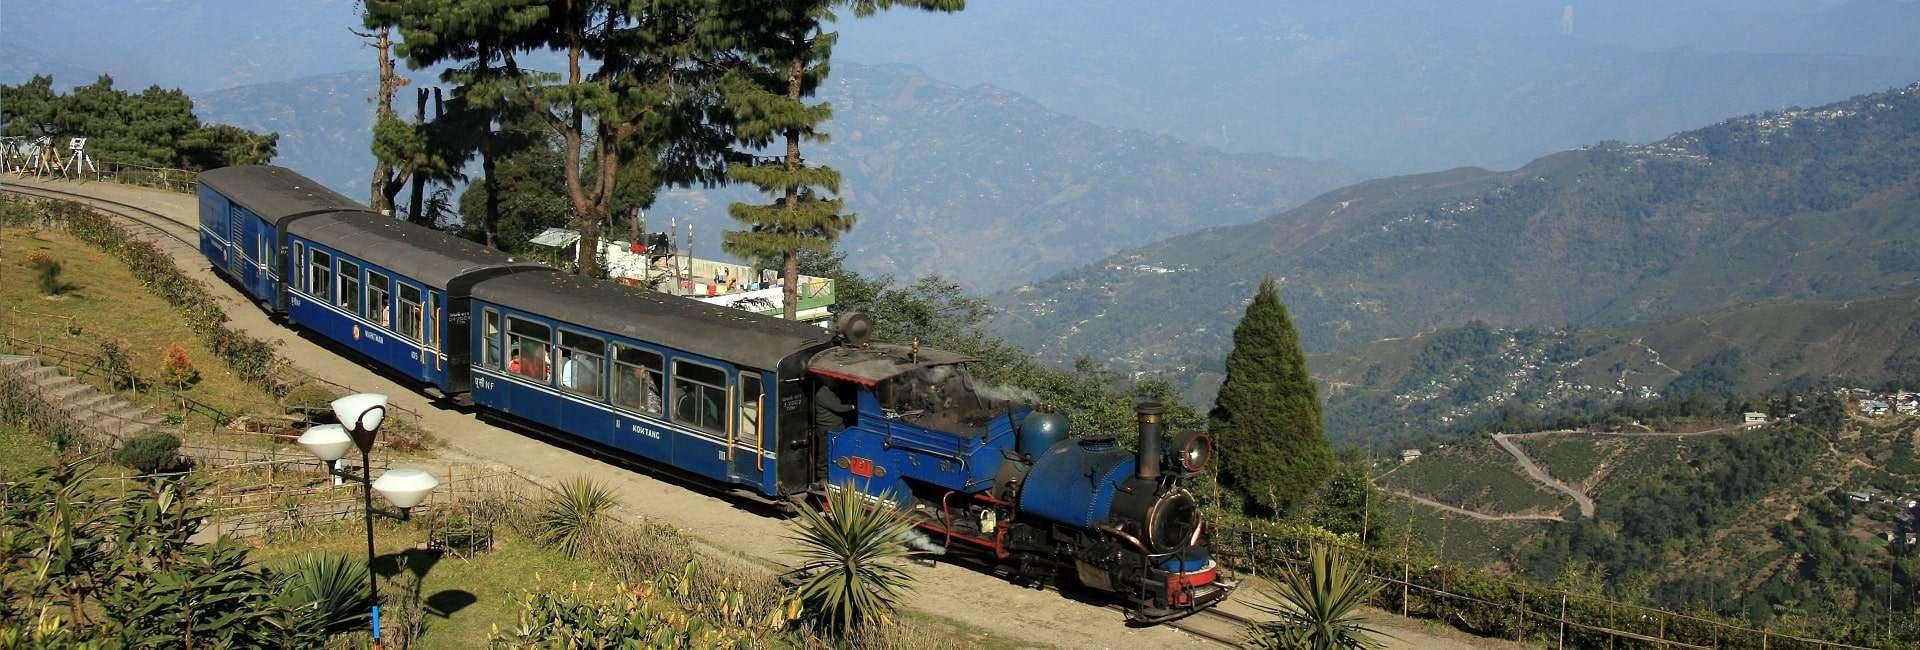 Darjeeling Toy Train Ride